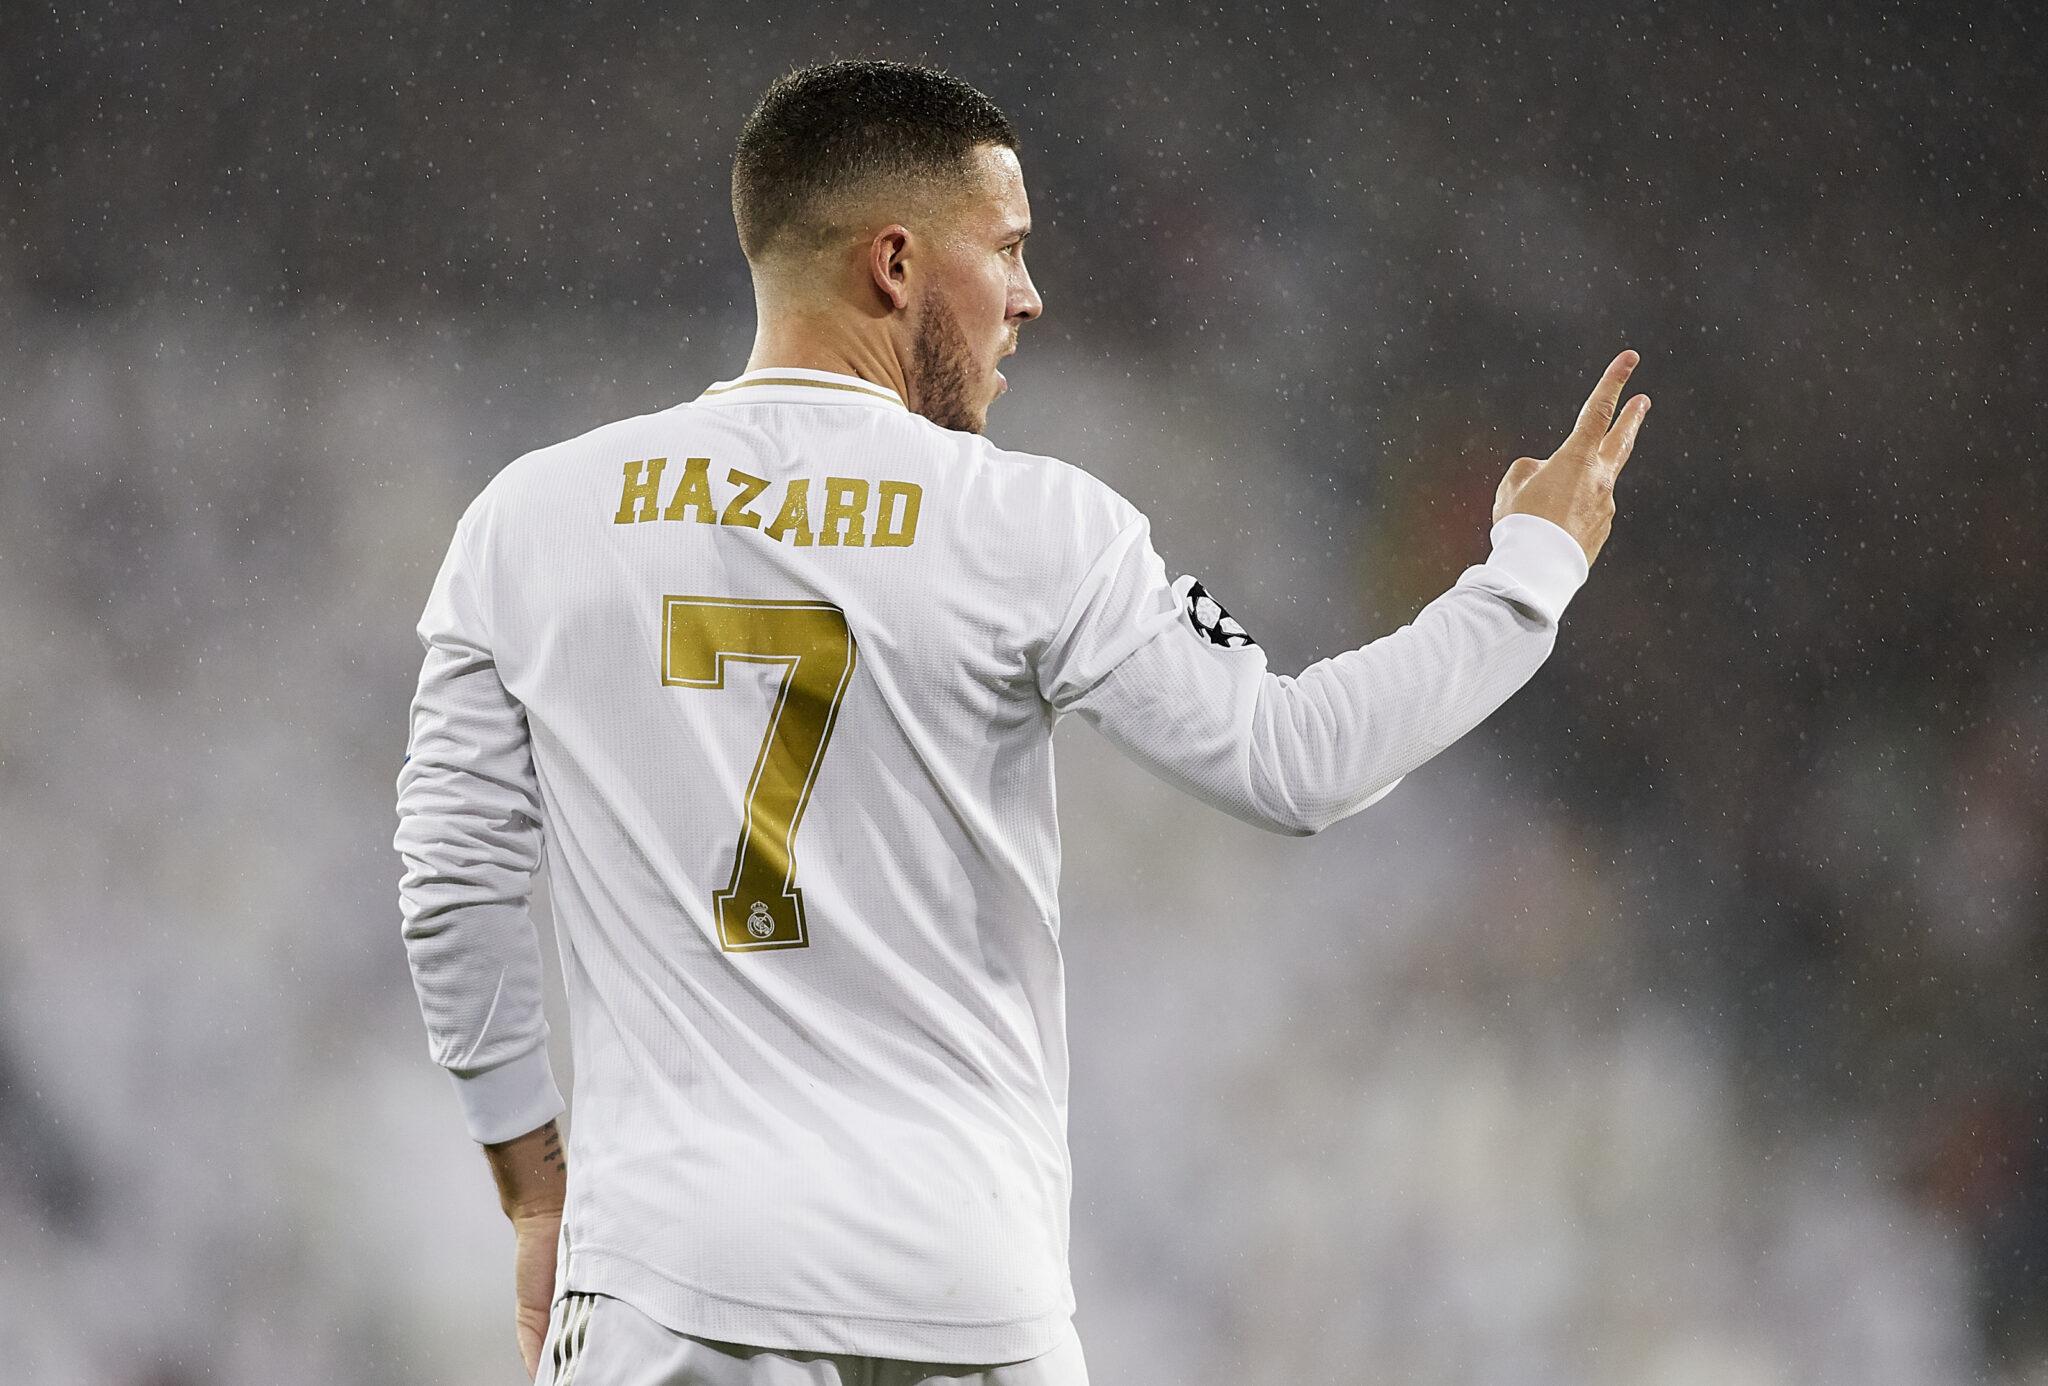 Hazard, Griezmann e João Félix: os principais centuriões do futebol espanhol contemporâneo — Hazard